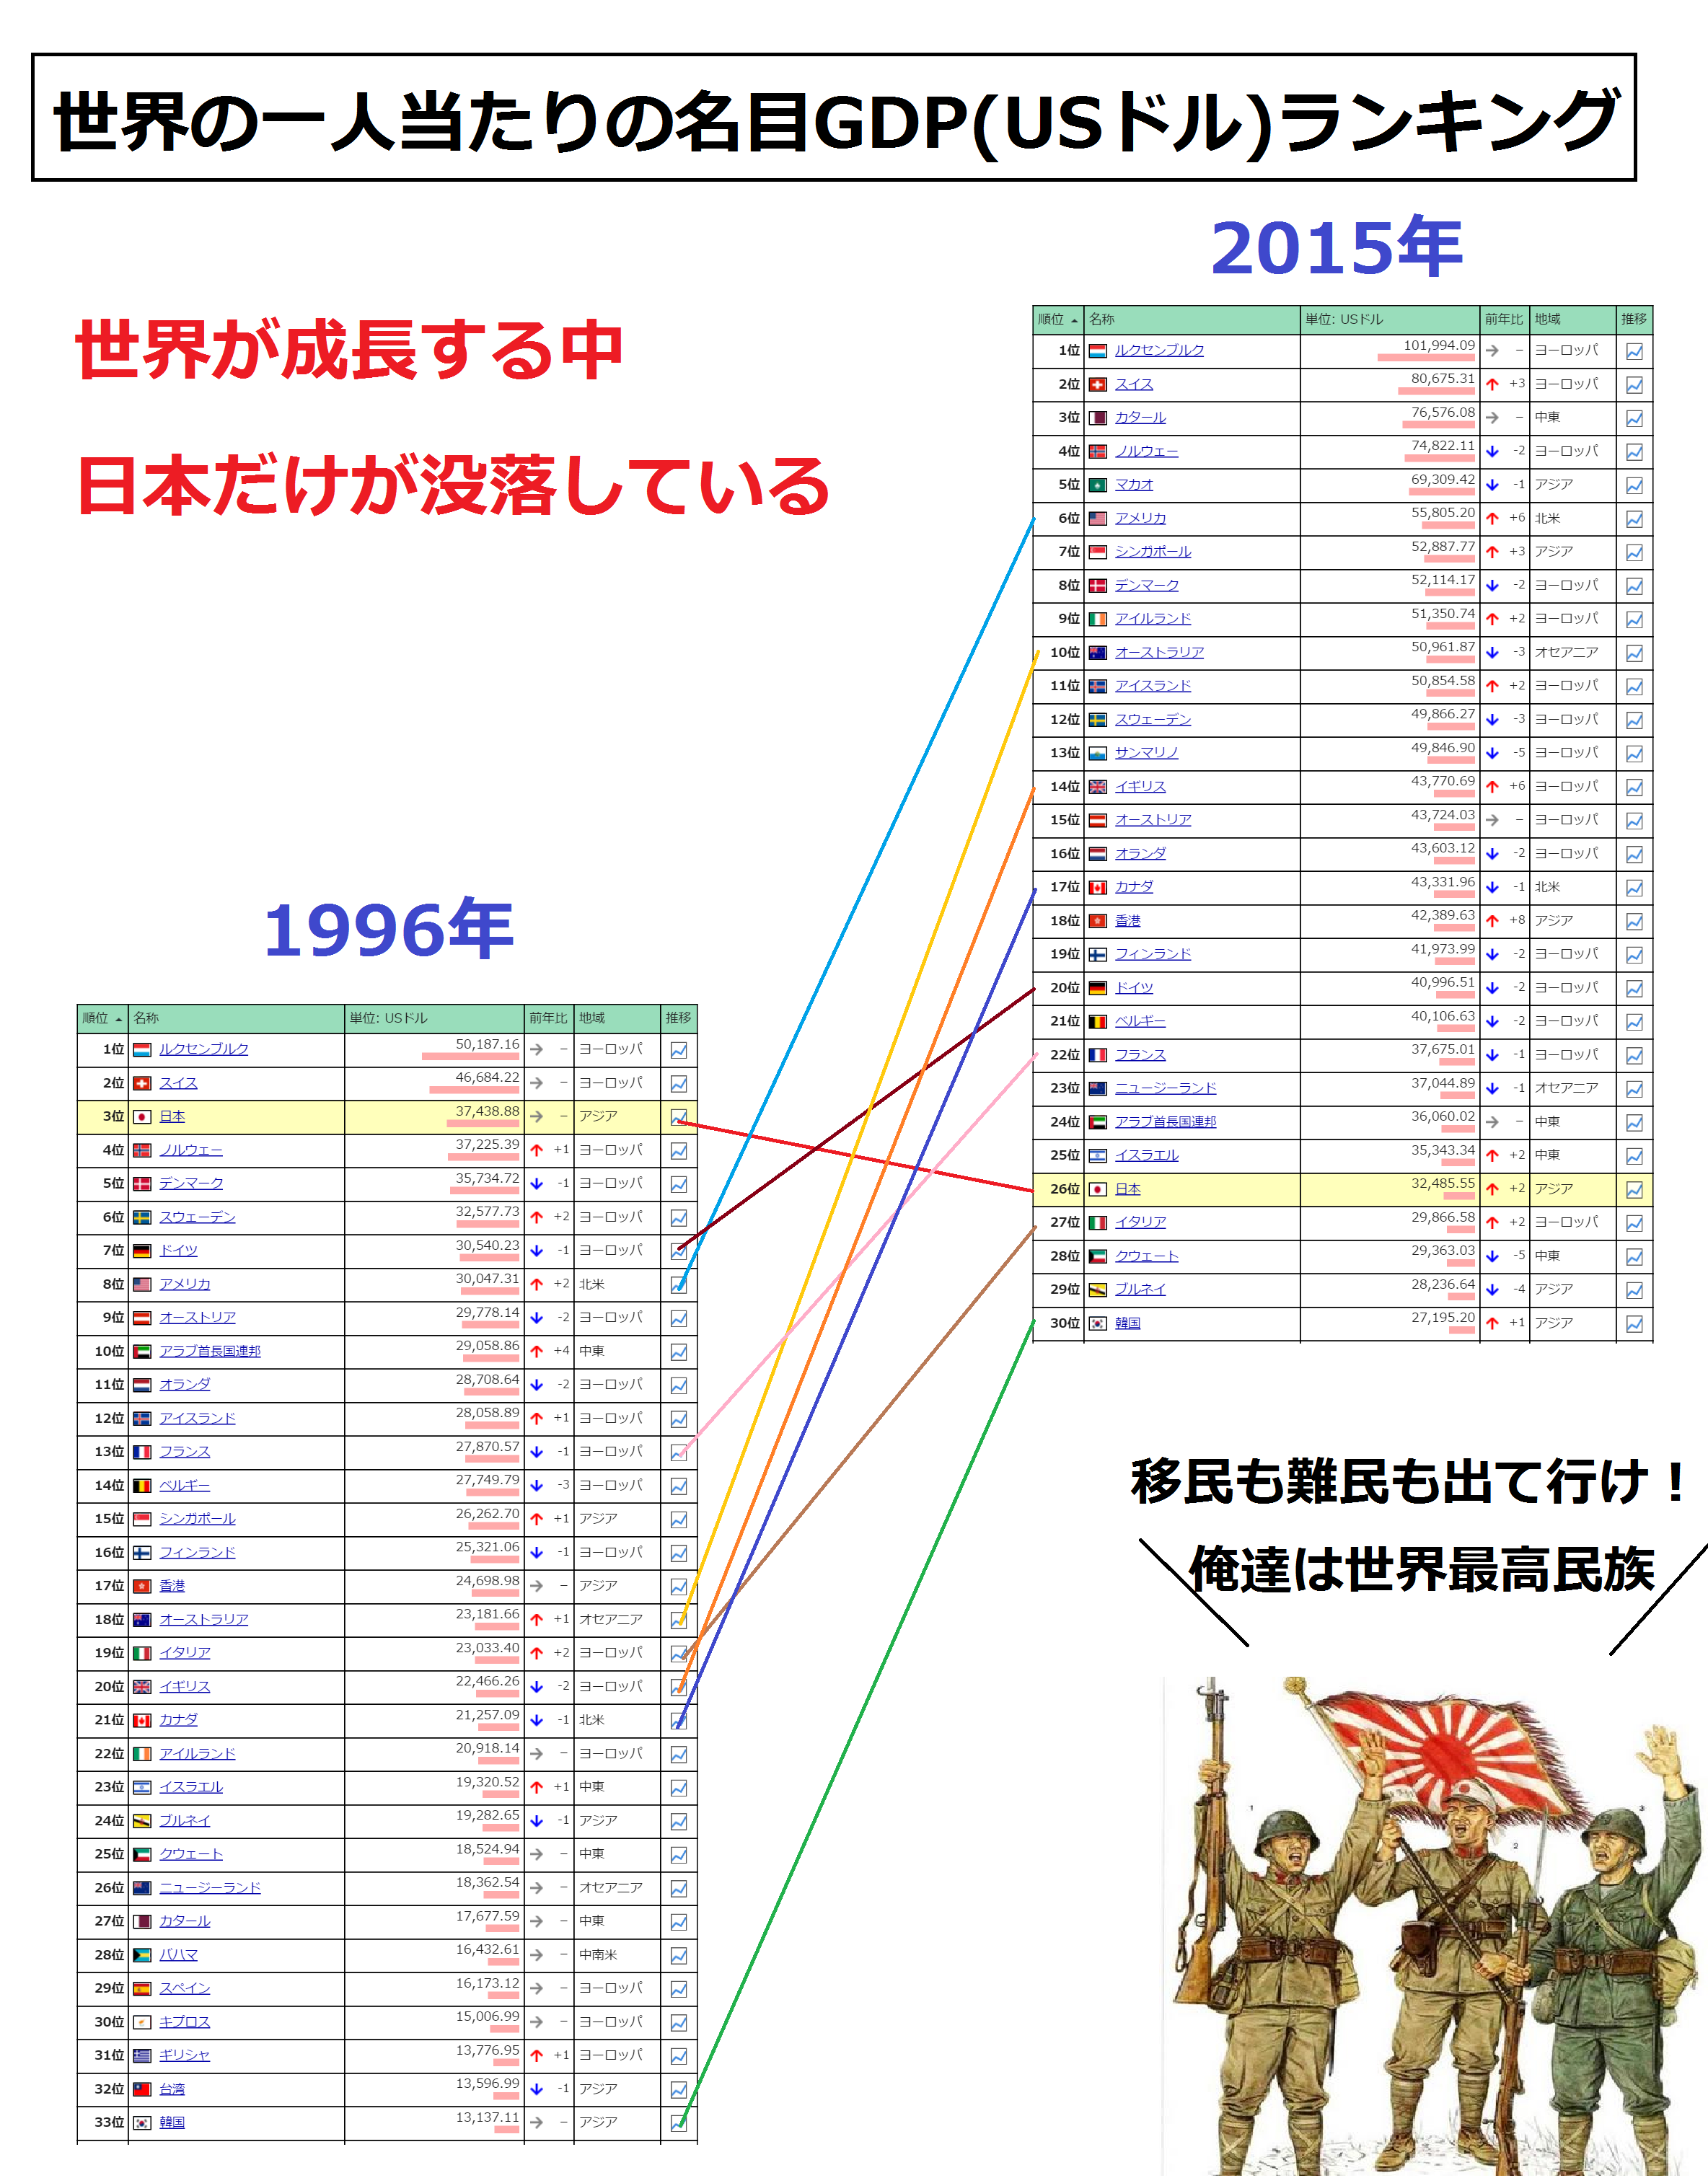 f:id:JAPbuster:20160519211137p:plain